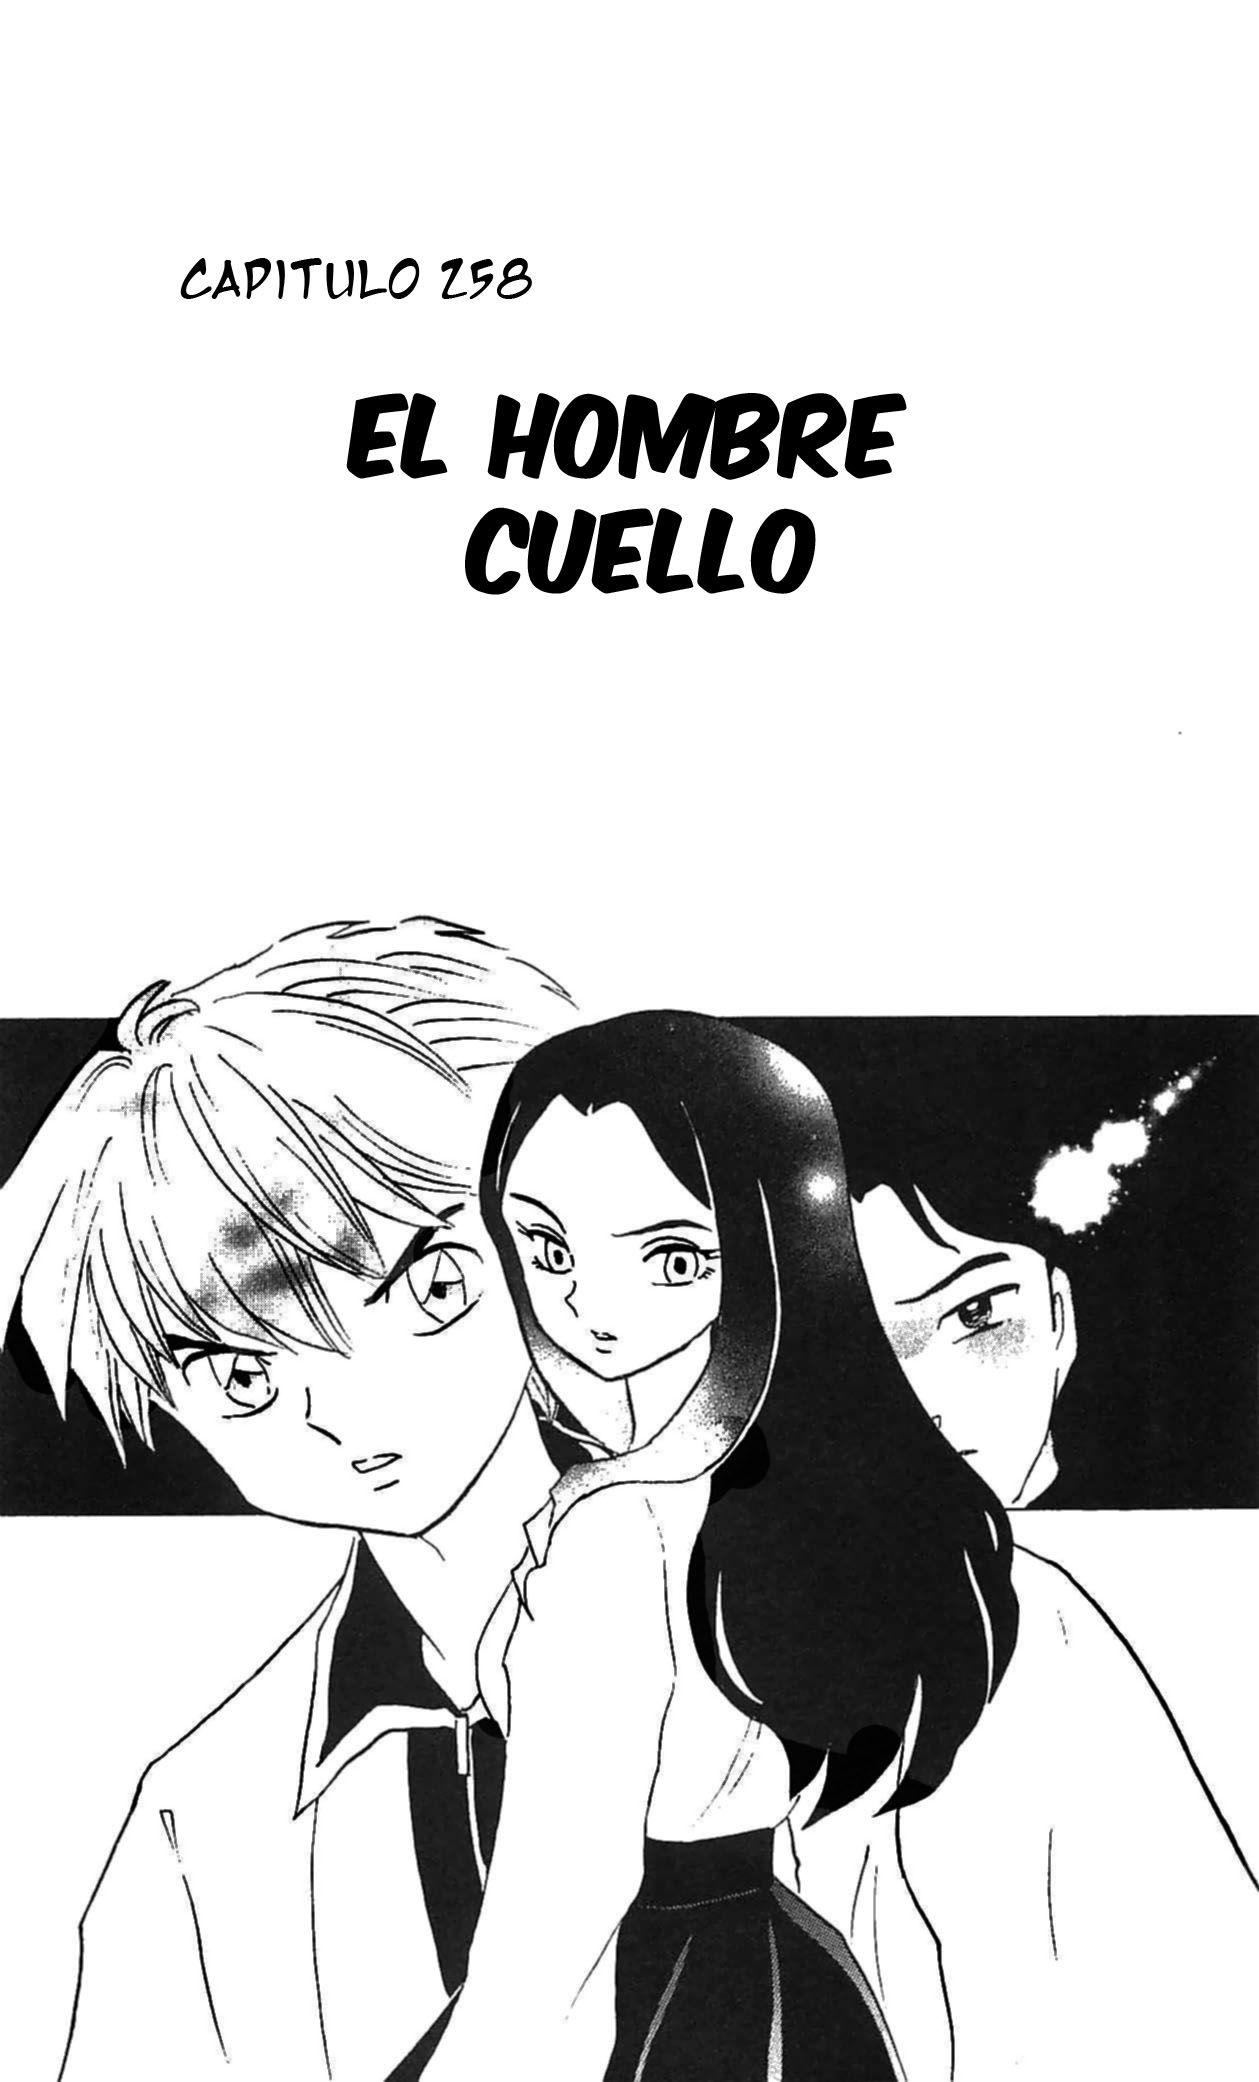 https://c5.ninemanga.com/es_manga/pic2/33/609/524744/66b3bb3bb640844fa56a3d0dd52e92b0.jpg Page 2